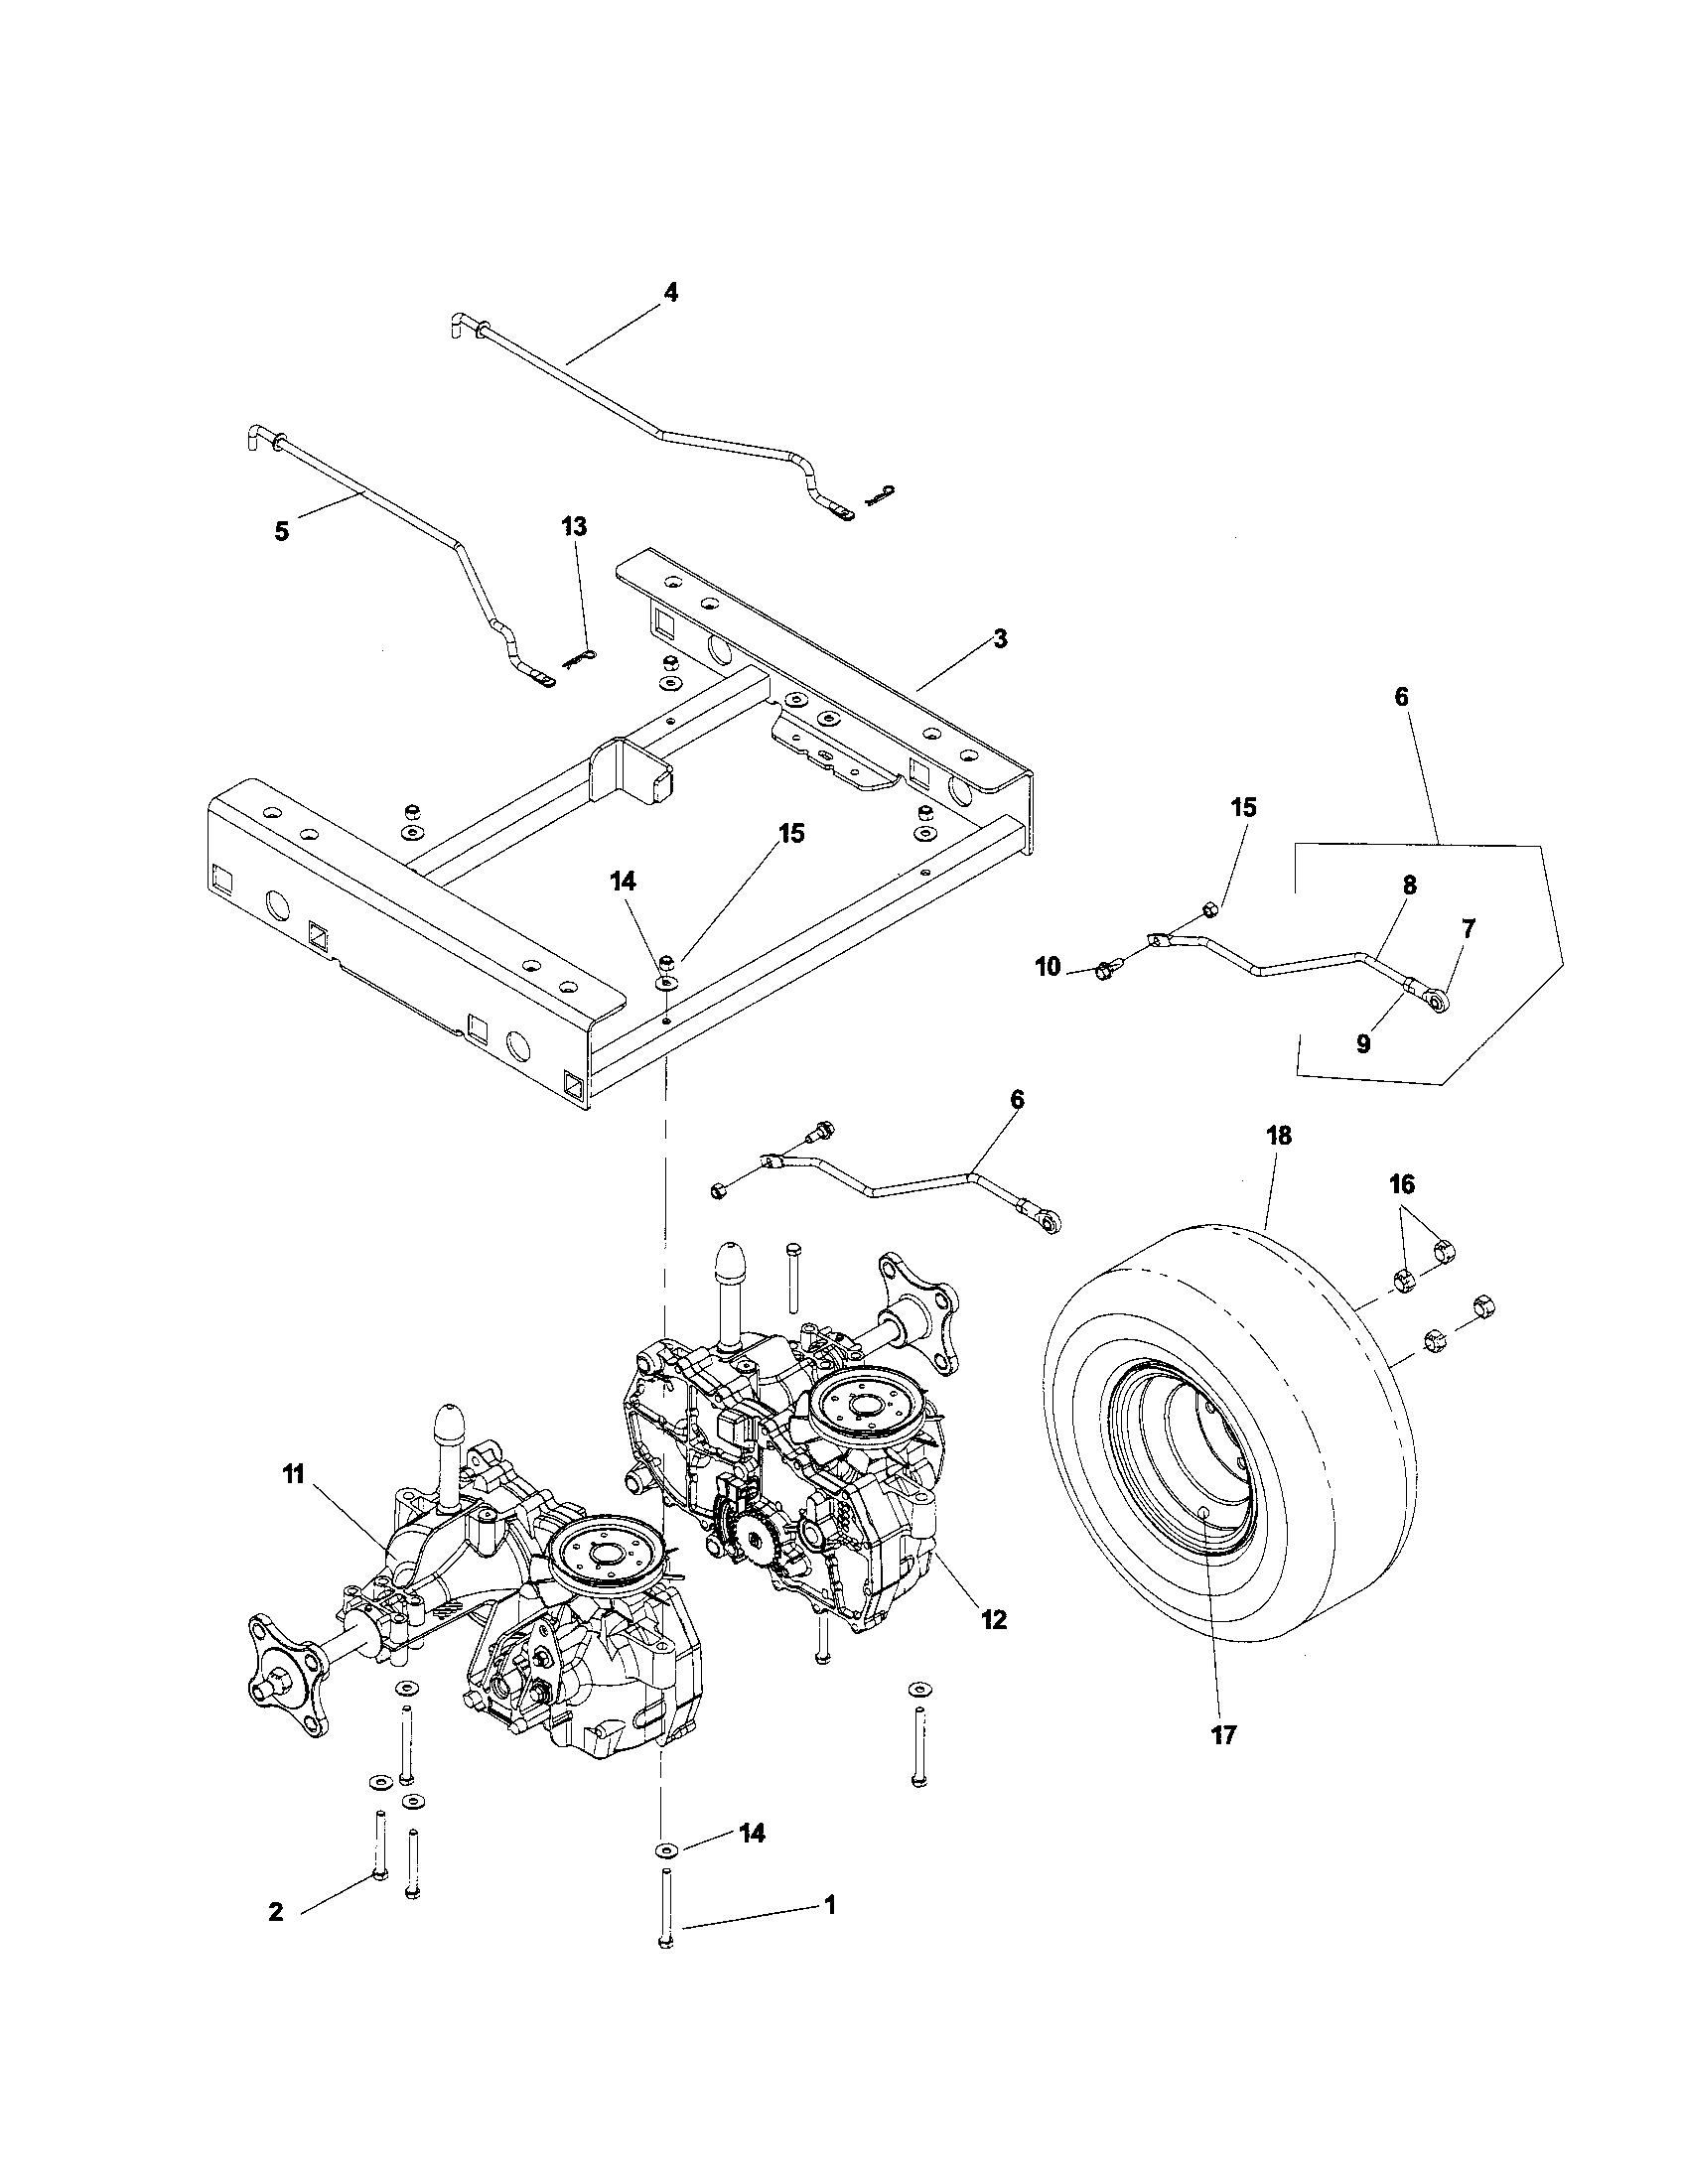 hight resolution of wiring diagram for husqvarna rz5426 husqvarna lawn mowers husqvarna rz4623 966764501 drive belt diagram husqvarna rz4623 pulley